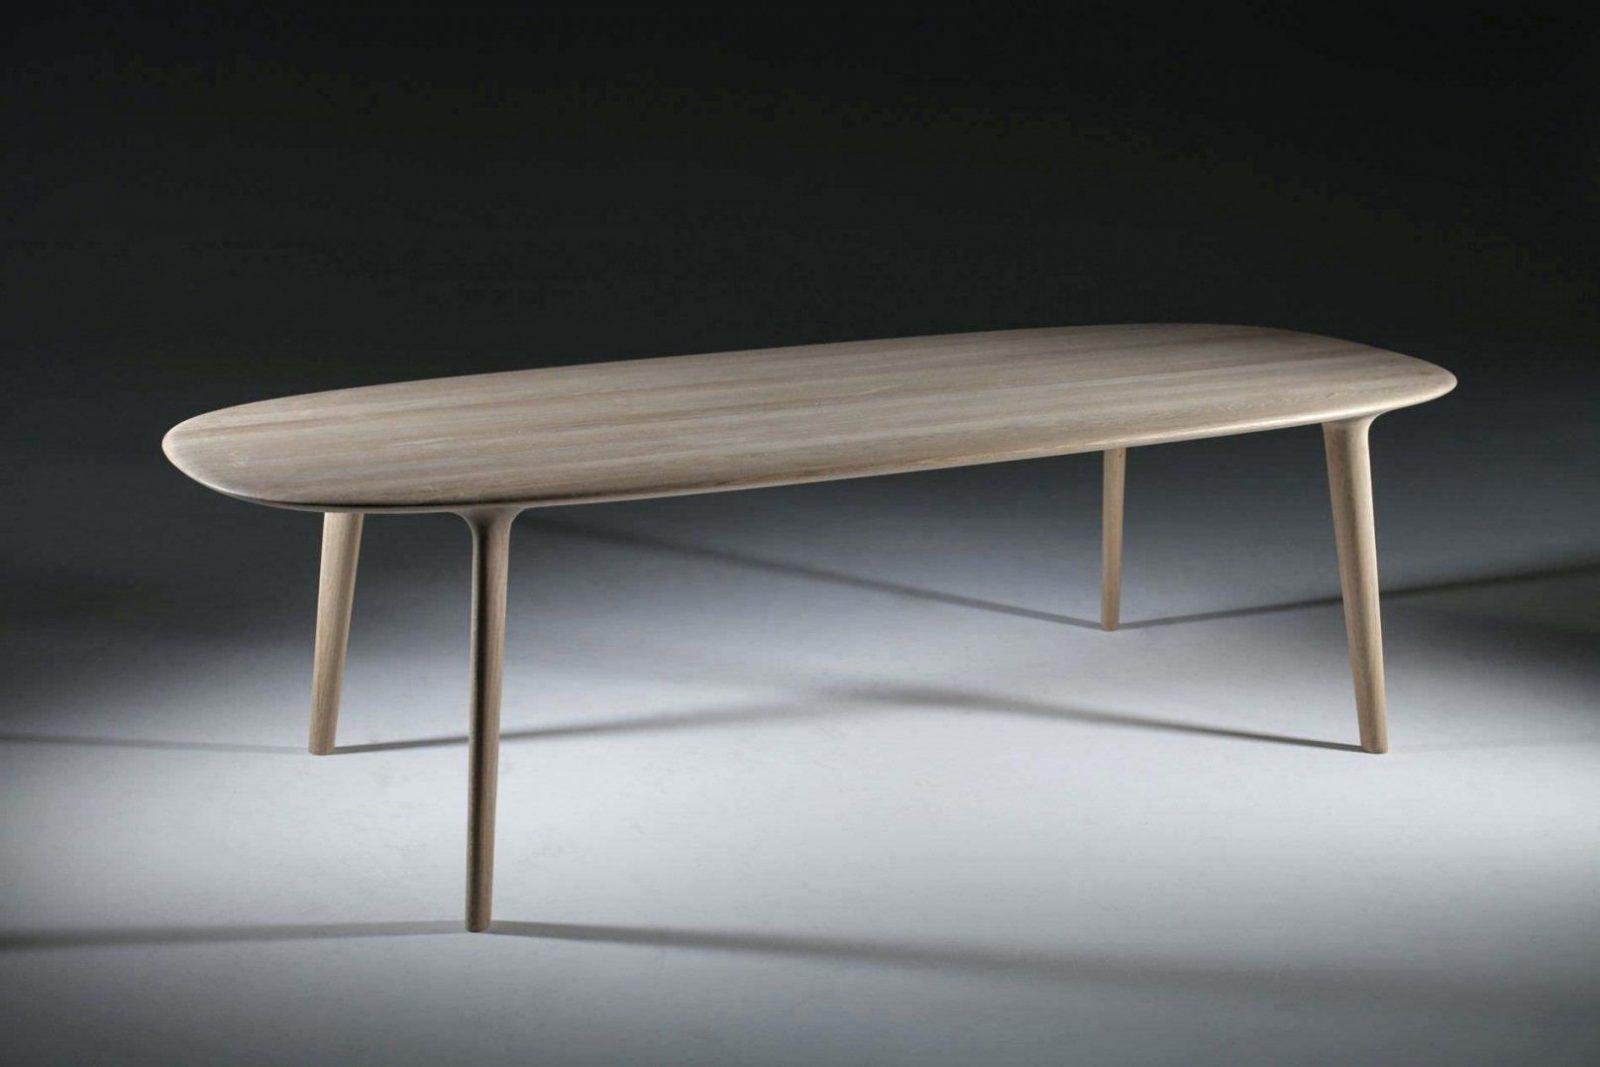 Tisch Oval Ausziehbar  Herrlich Esstisch Modern Best von Esstisch Oval Holz Ausziehbar Bild